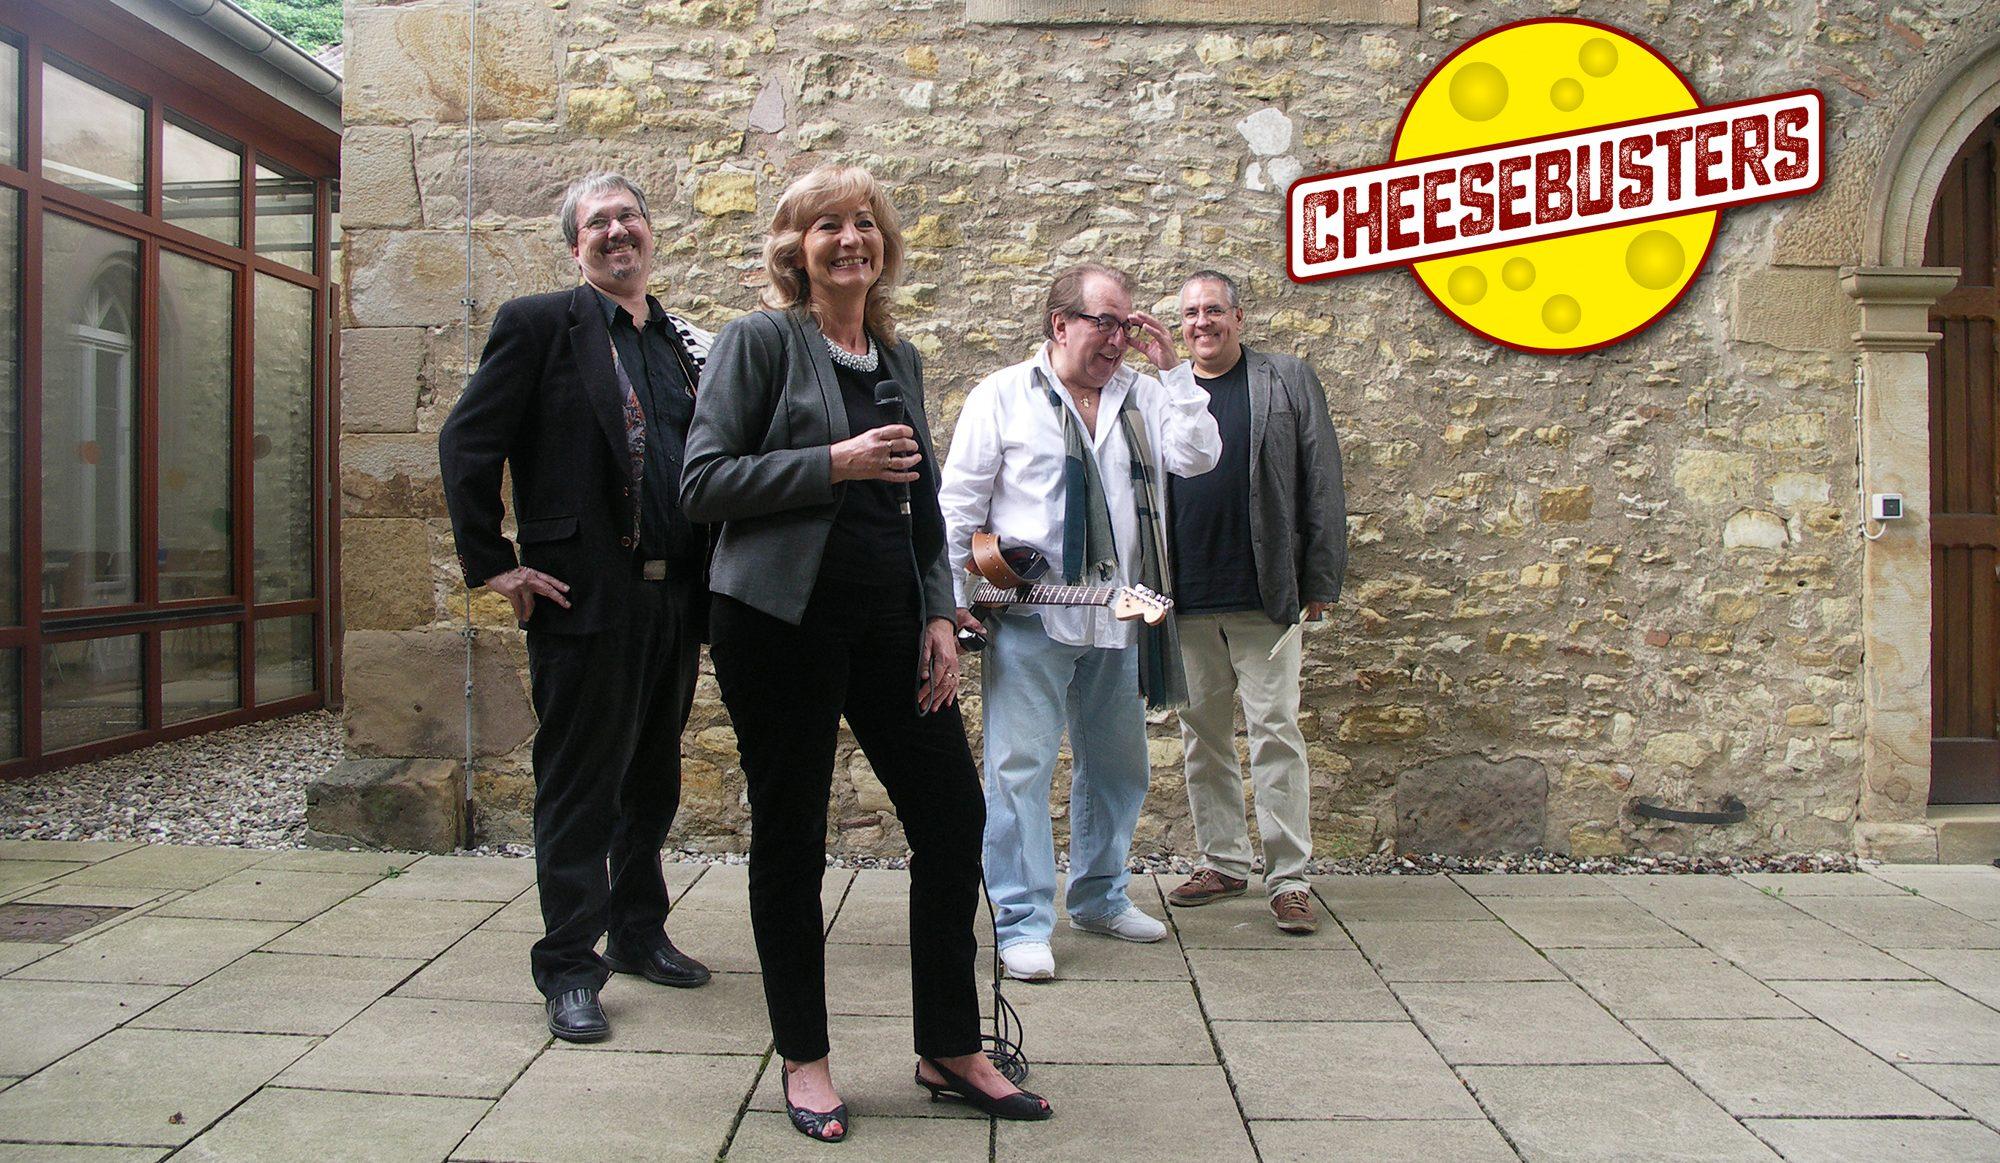 Cheesebusters